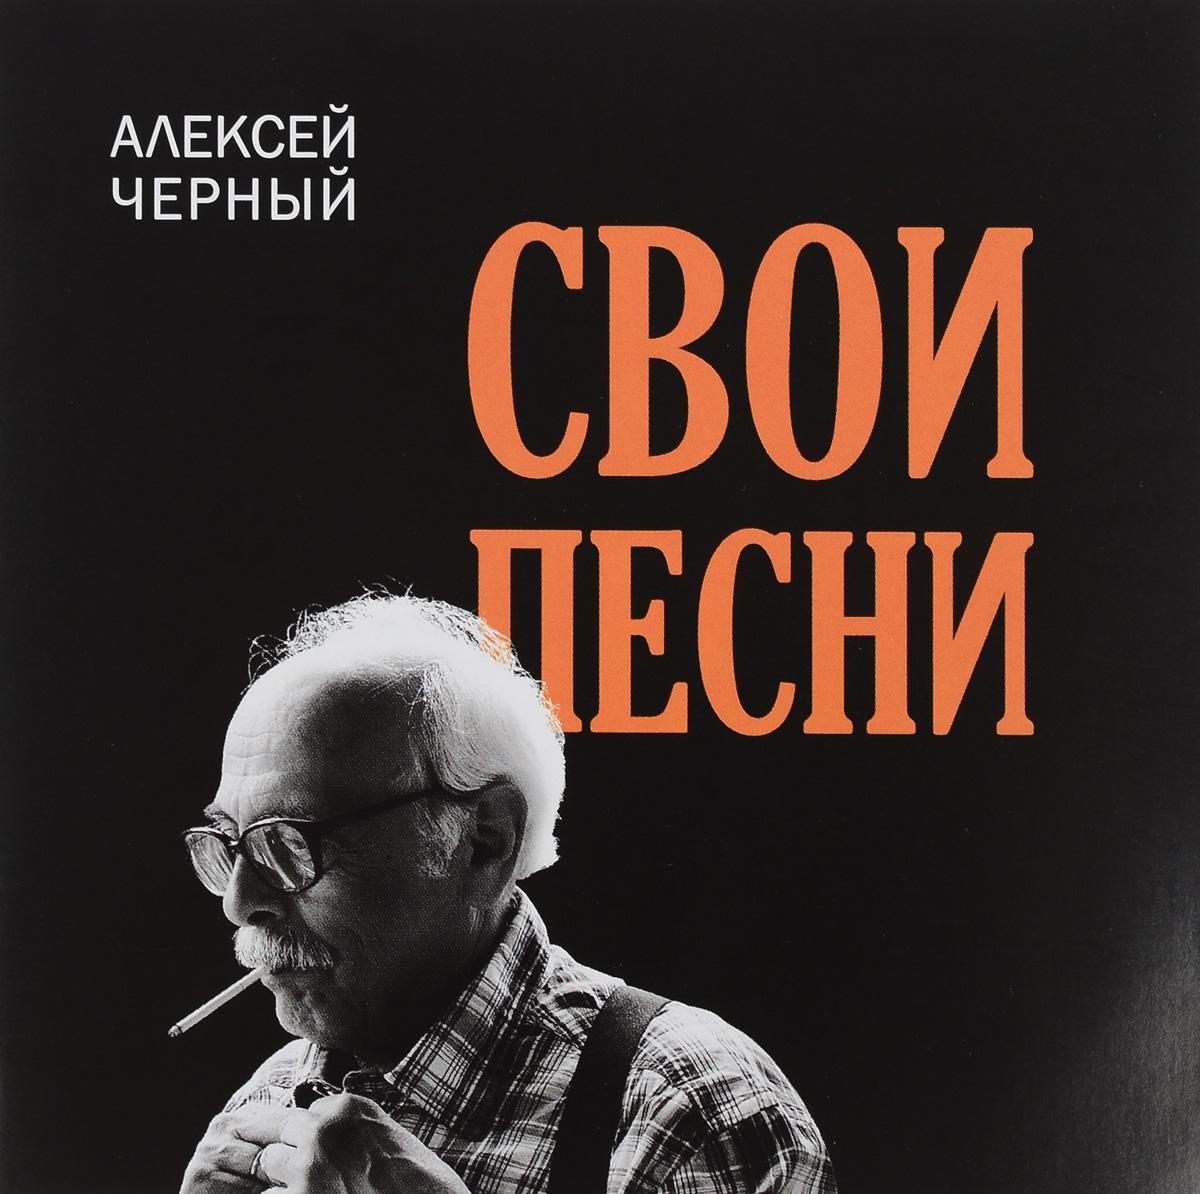 Алексей Черный. Свои песни